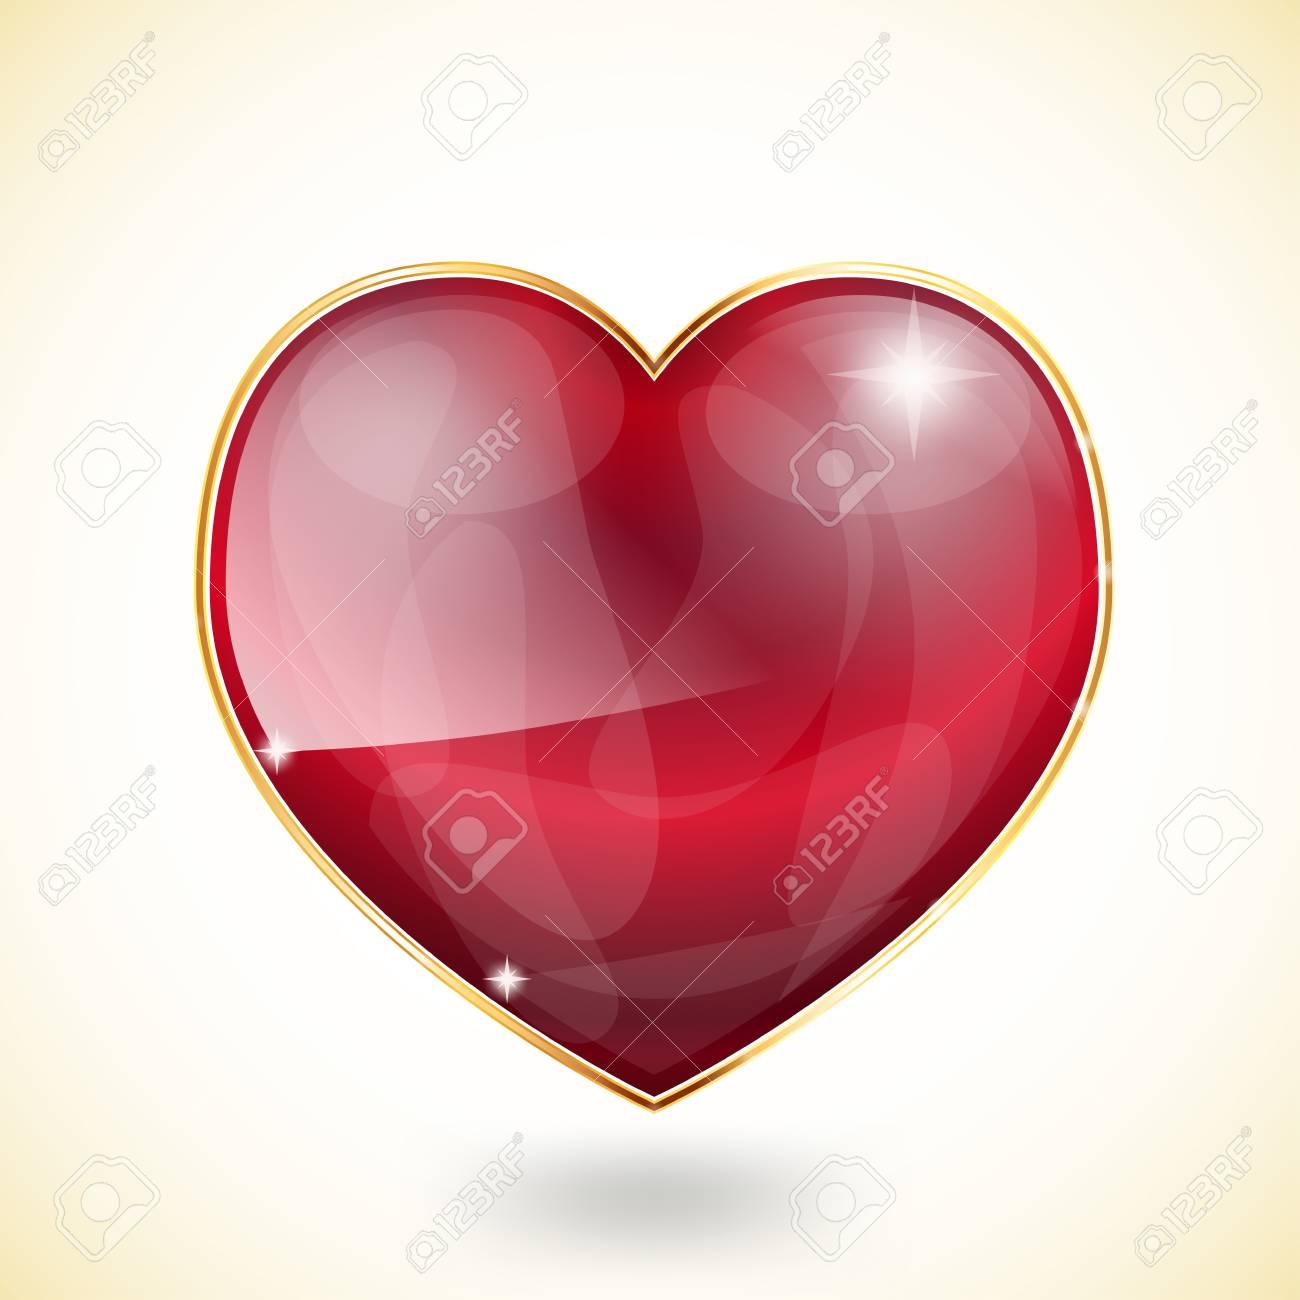 glossy heart in golden frame on light background Stock Vector - 17452797